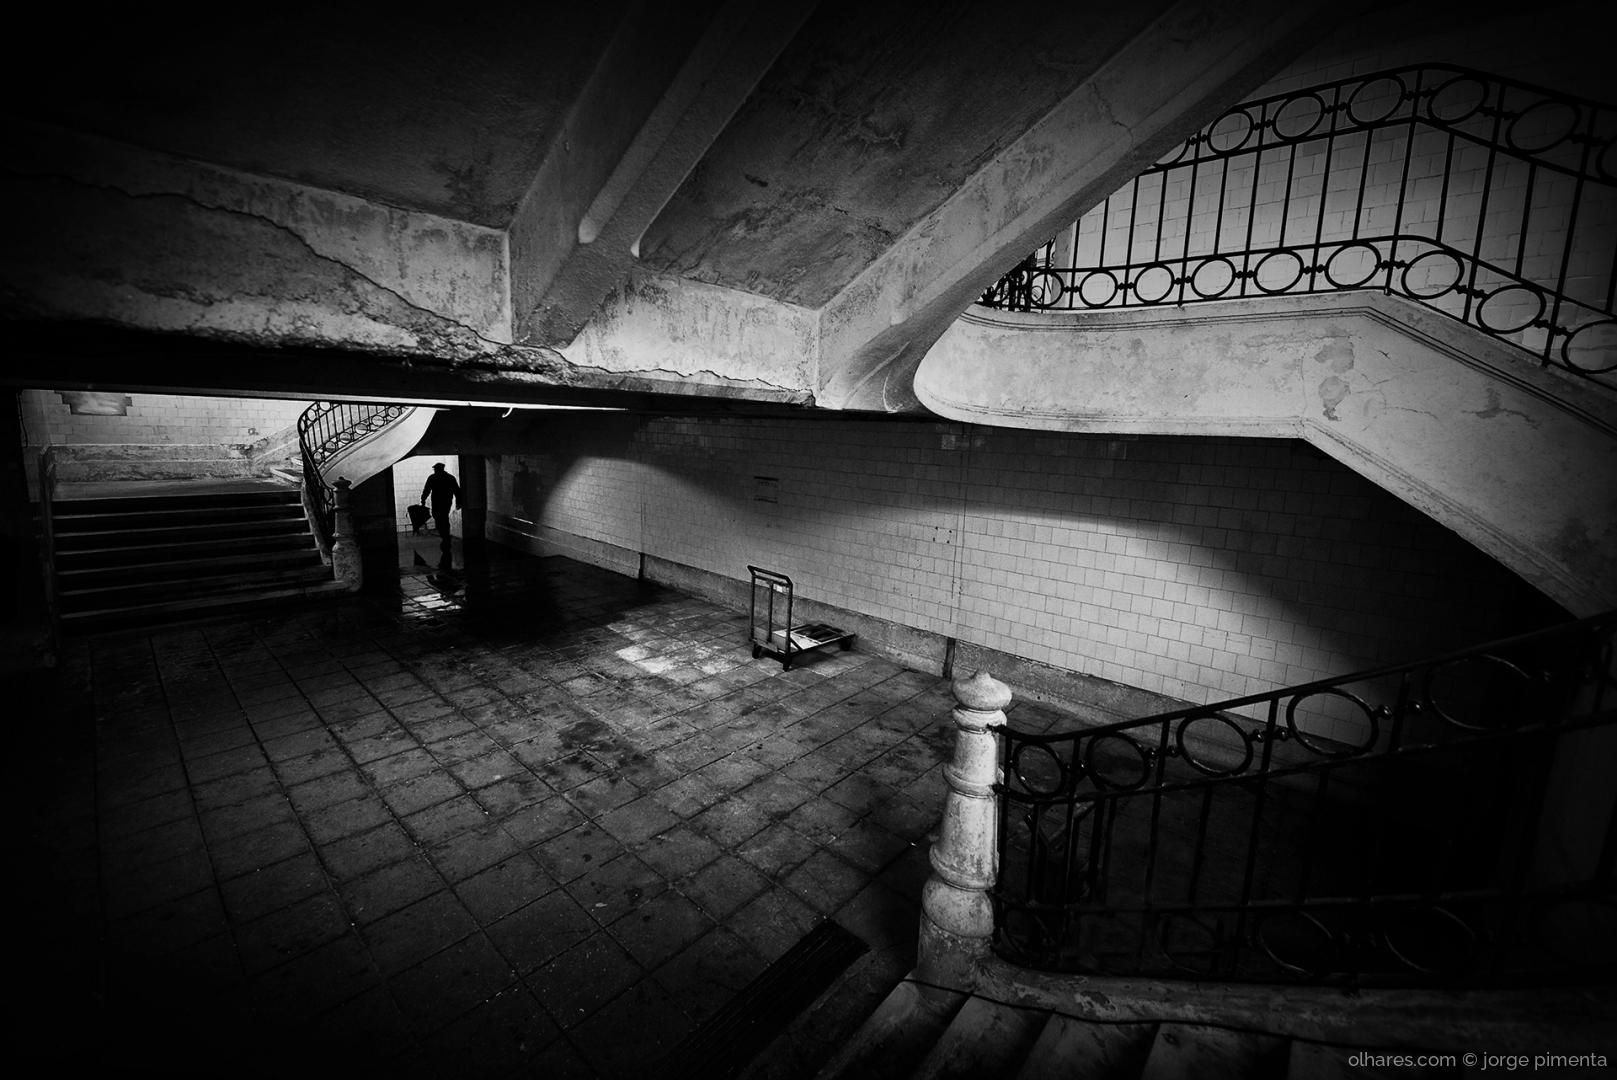 Fotografia de Rua/Ode ao Tempo e a tudo o que não cessa